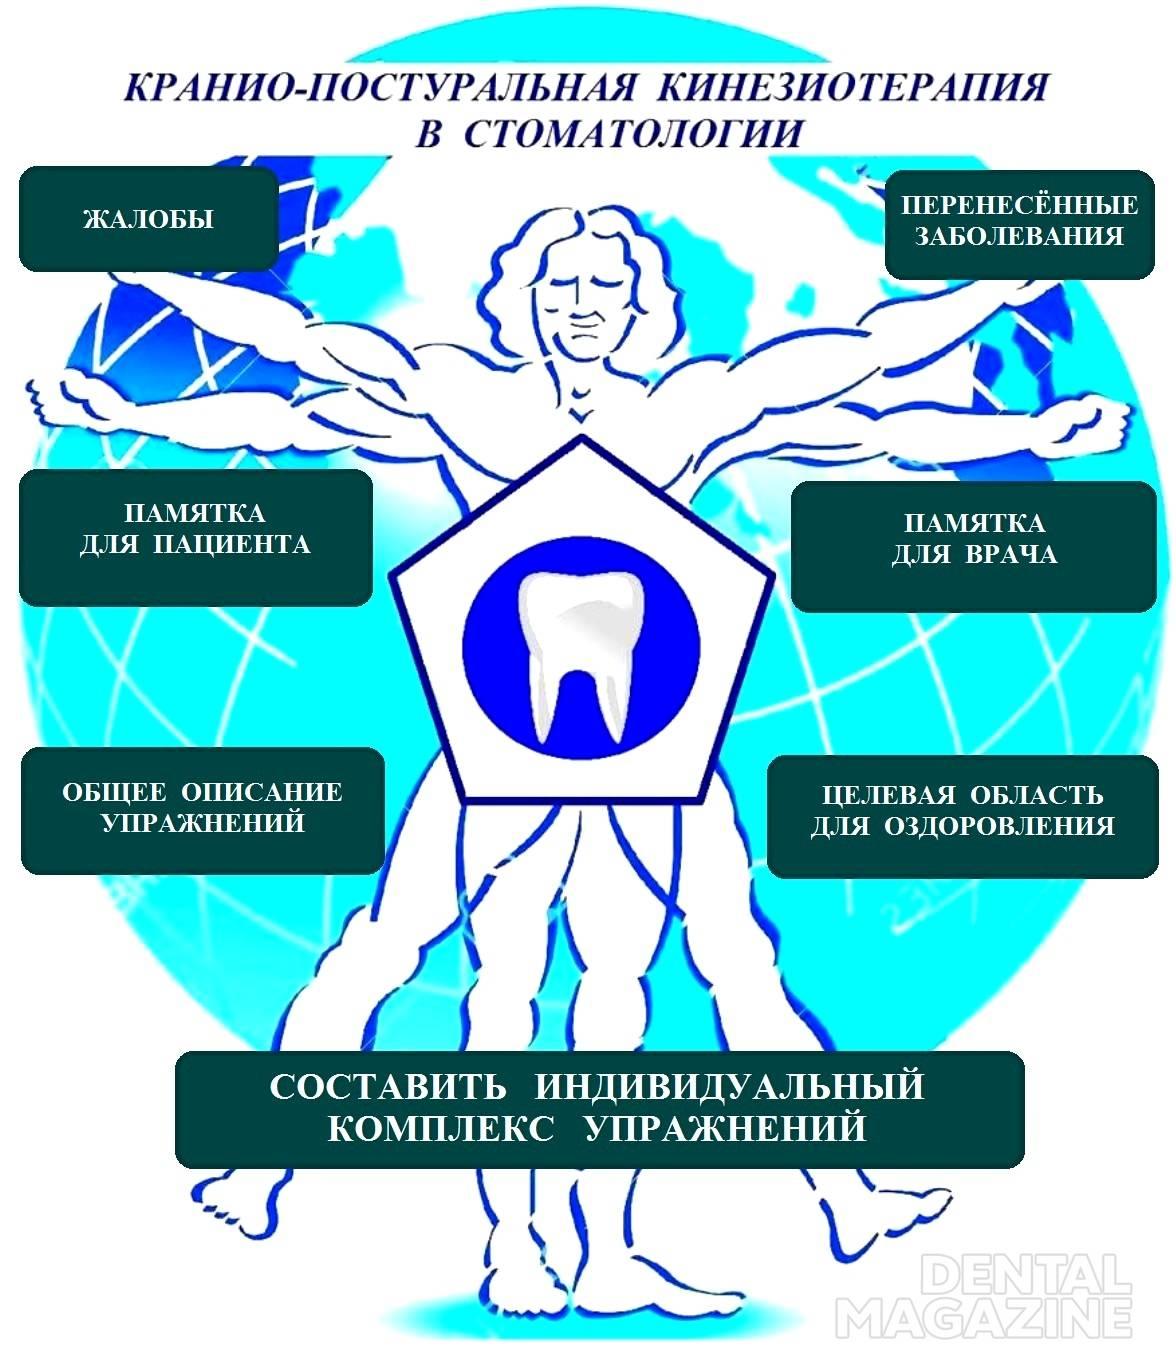 Рис. 2. Главная страница мобильного приложения «Краниопостуральная кинезиотерапия в стоматологии».